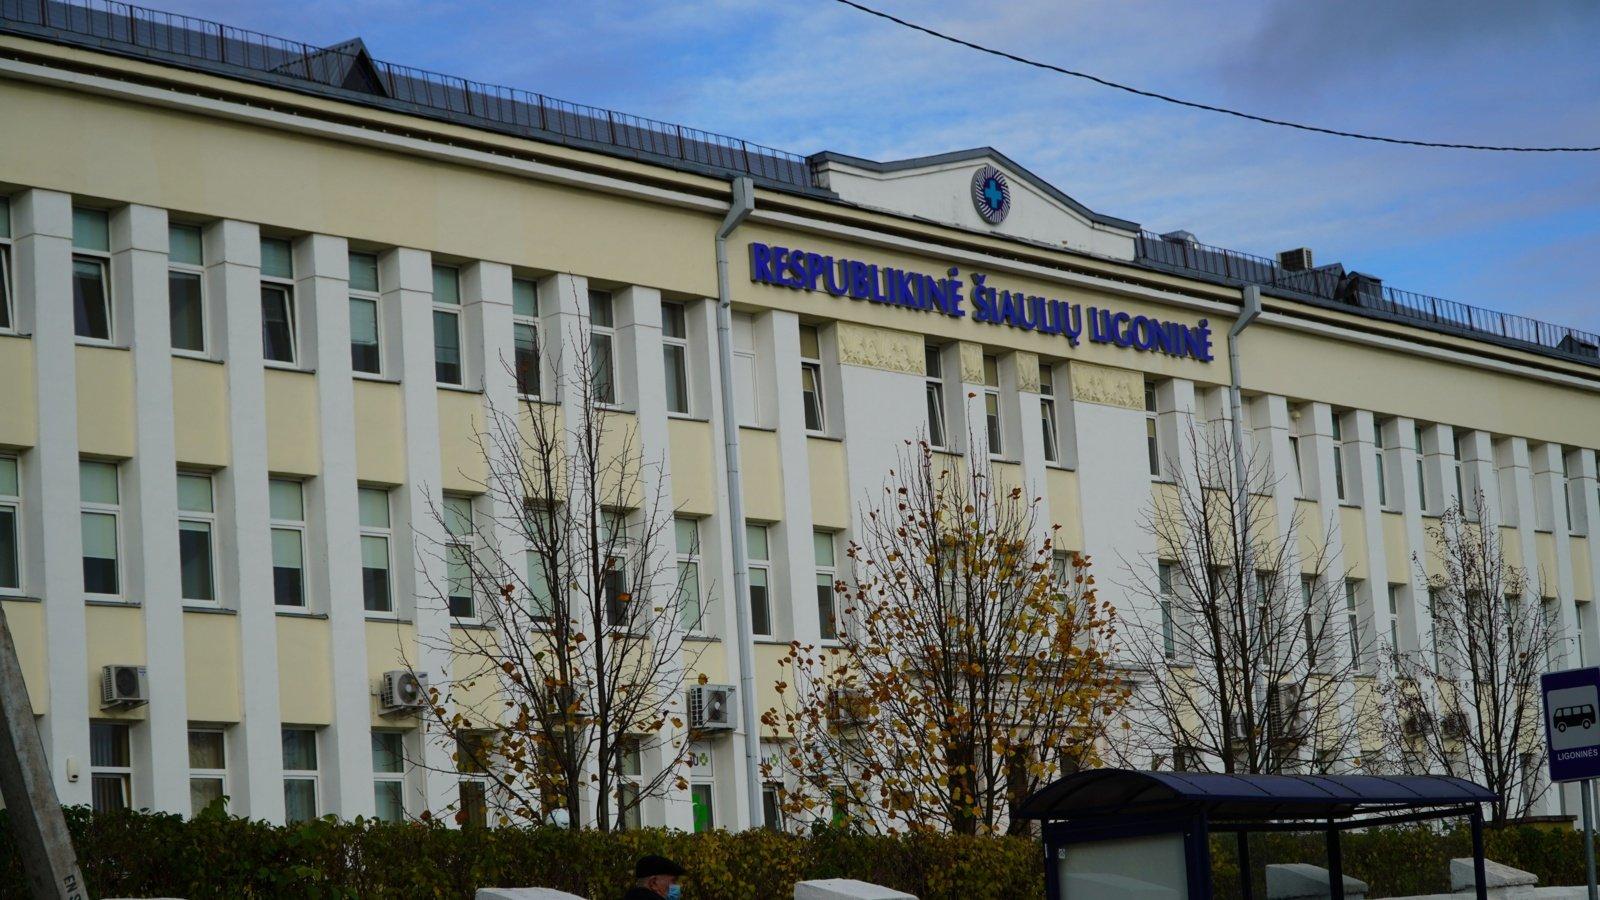 Situacija sudėtinga: Šiaulių apskrityje sergamumas koronavirusu ir toliau didėja, ligoninėje trūksta medikų